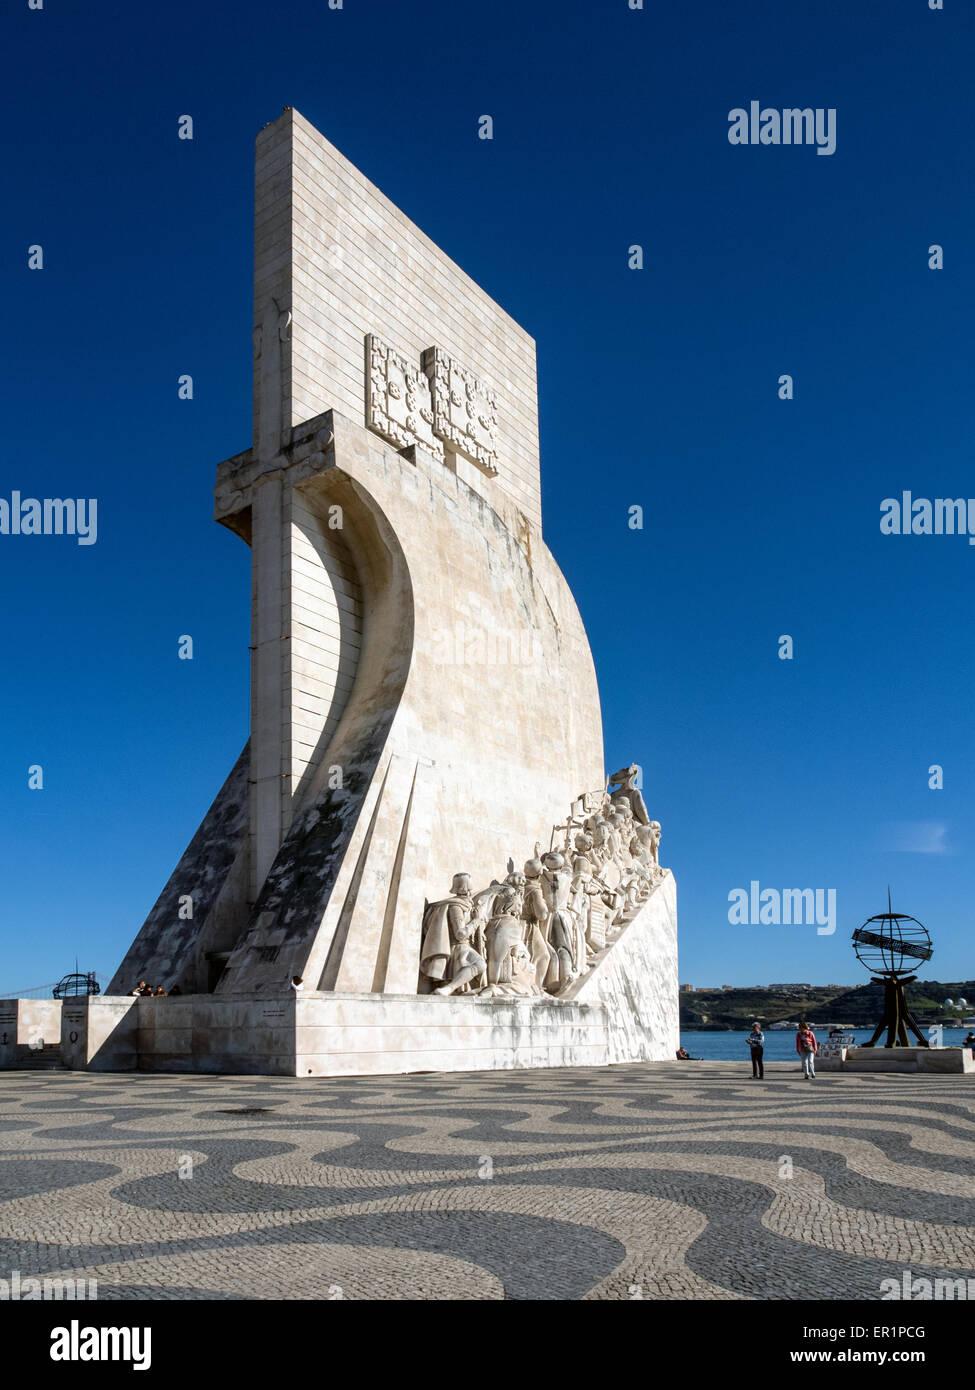 Monument to the Discoveries (Padrão dos Descobrimentos) at Belem, Lisborn - Stock Image